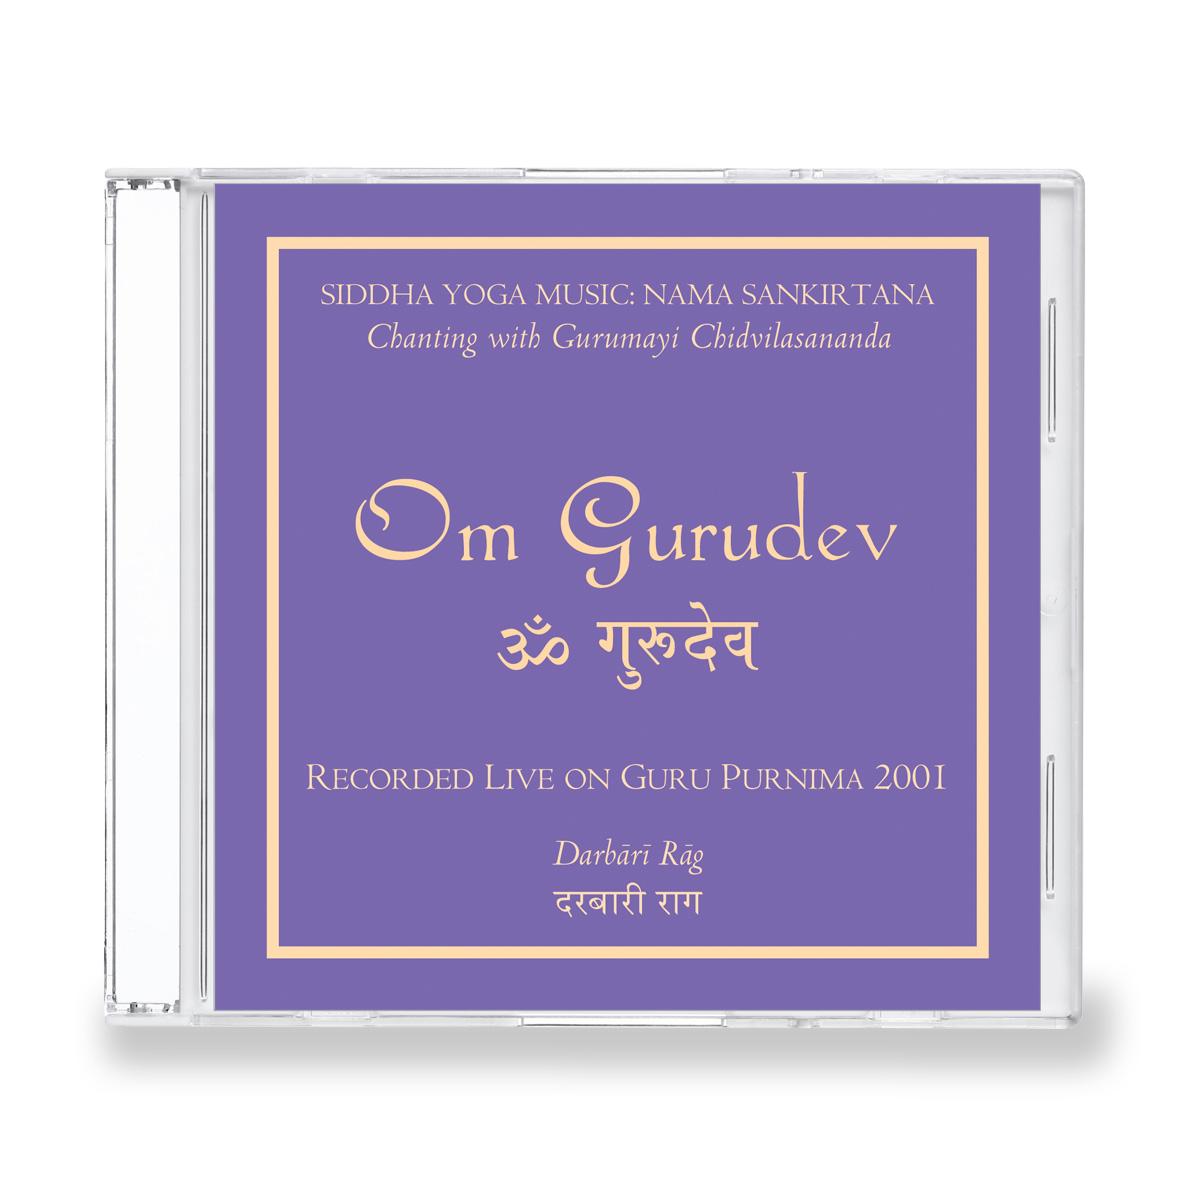 CD - Om Gurudev